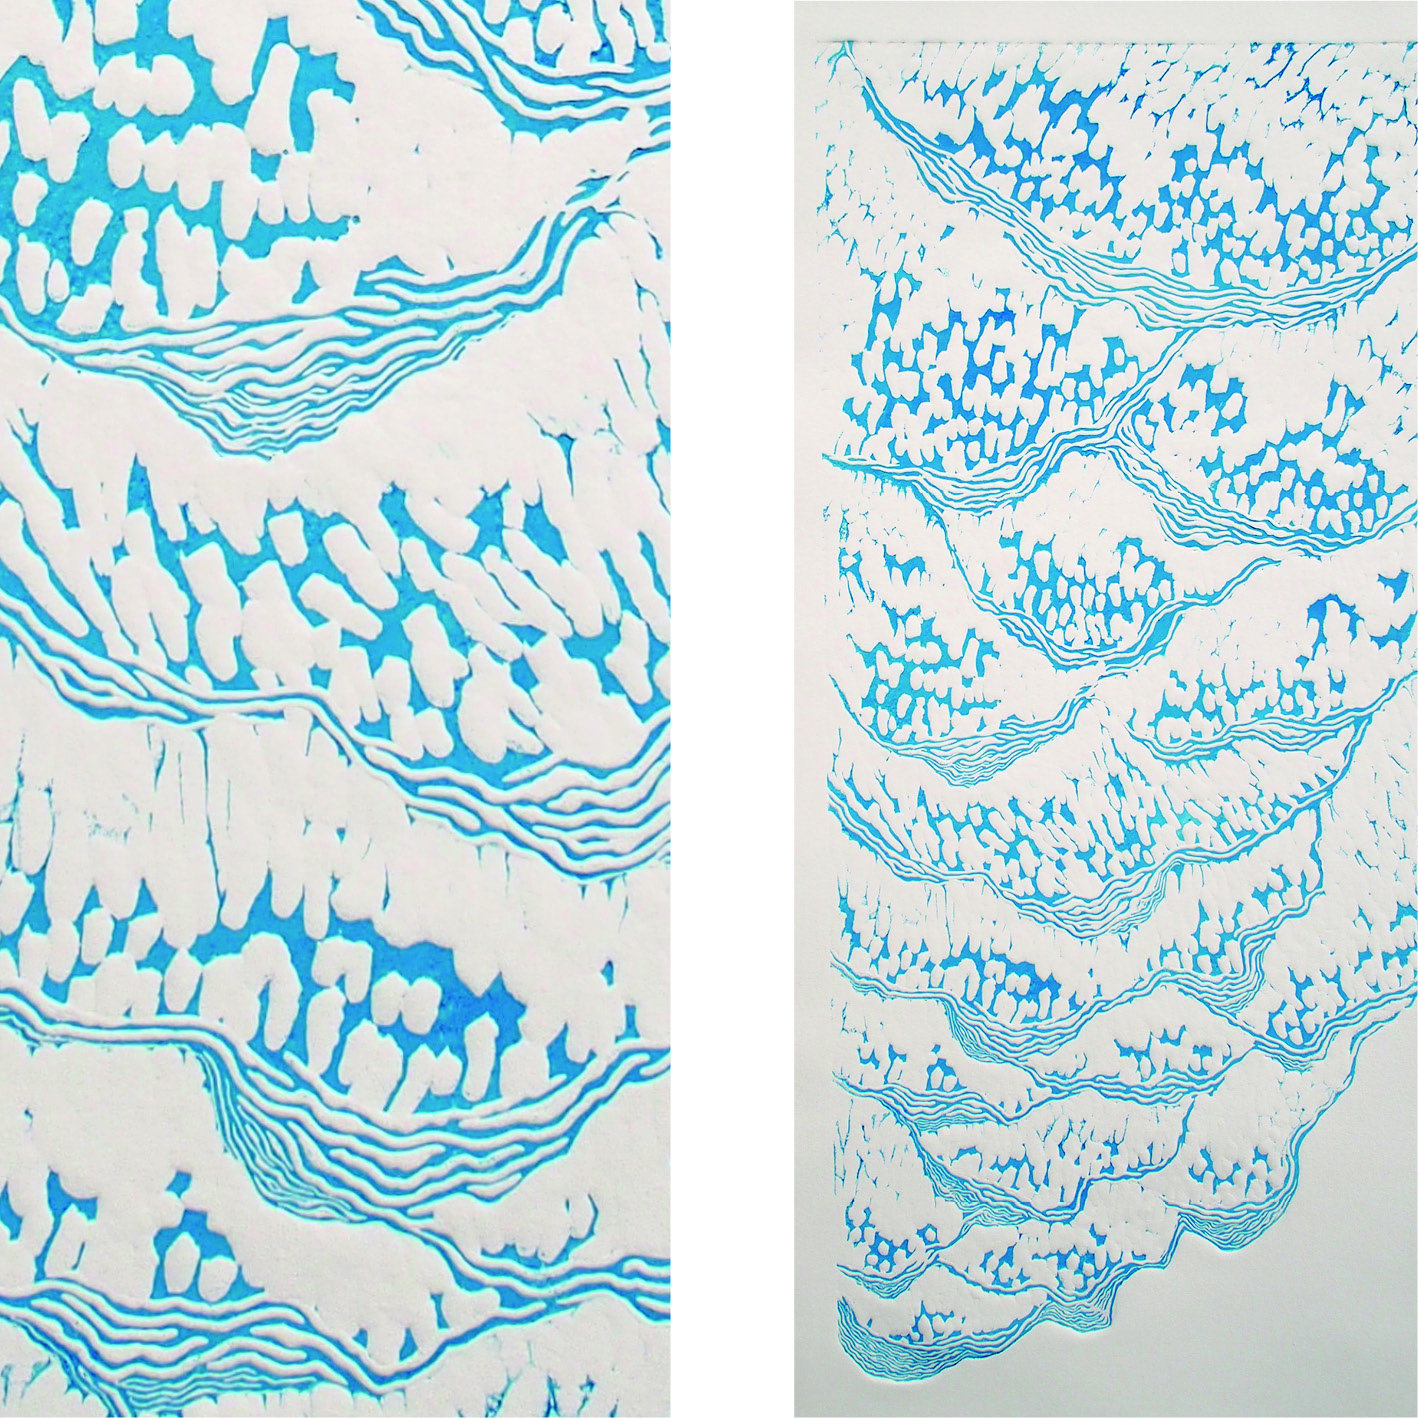 gros plan d'un mobile feuillage en dentelle de papier